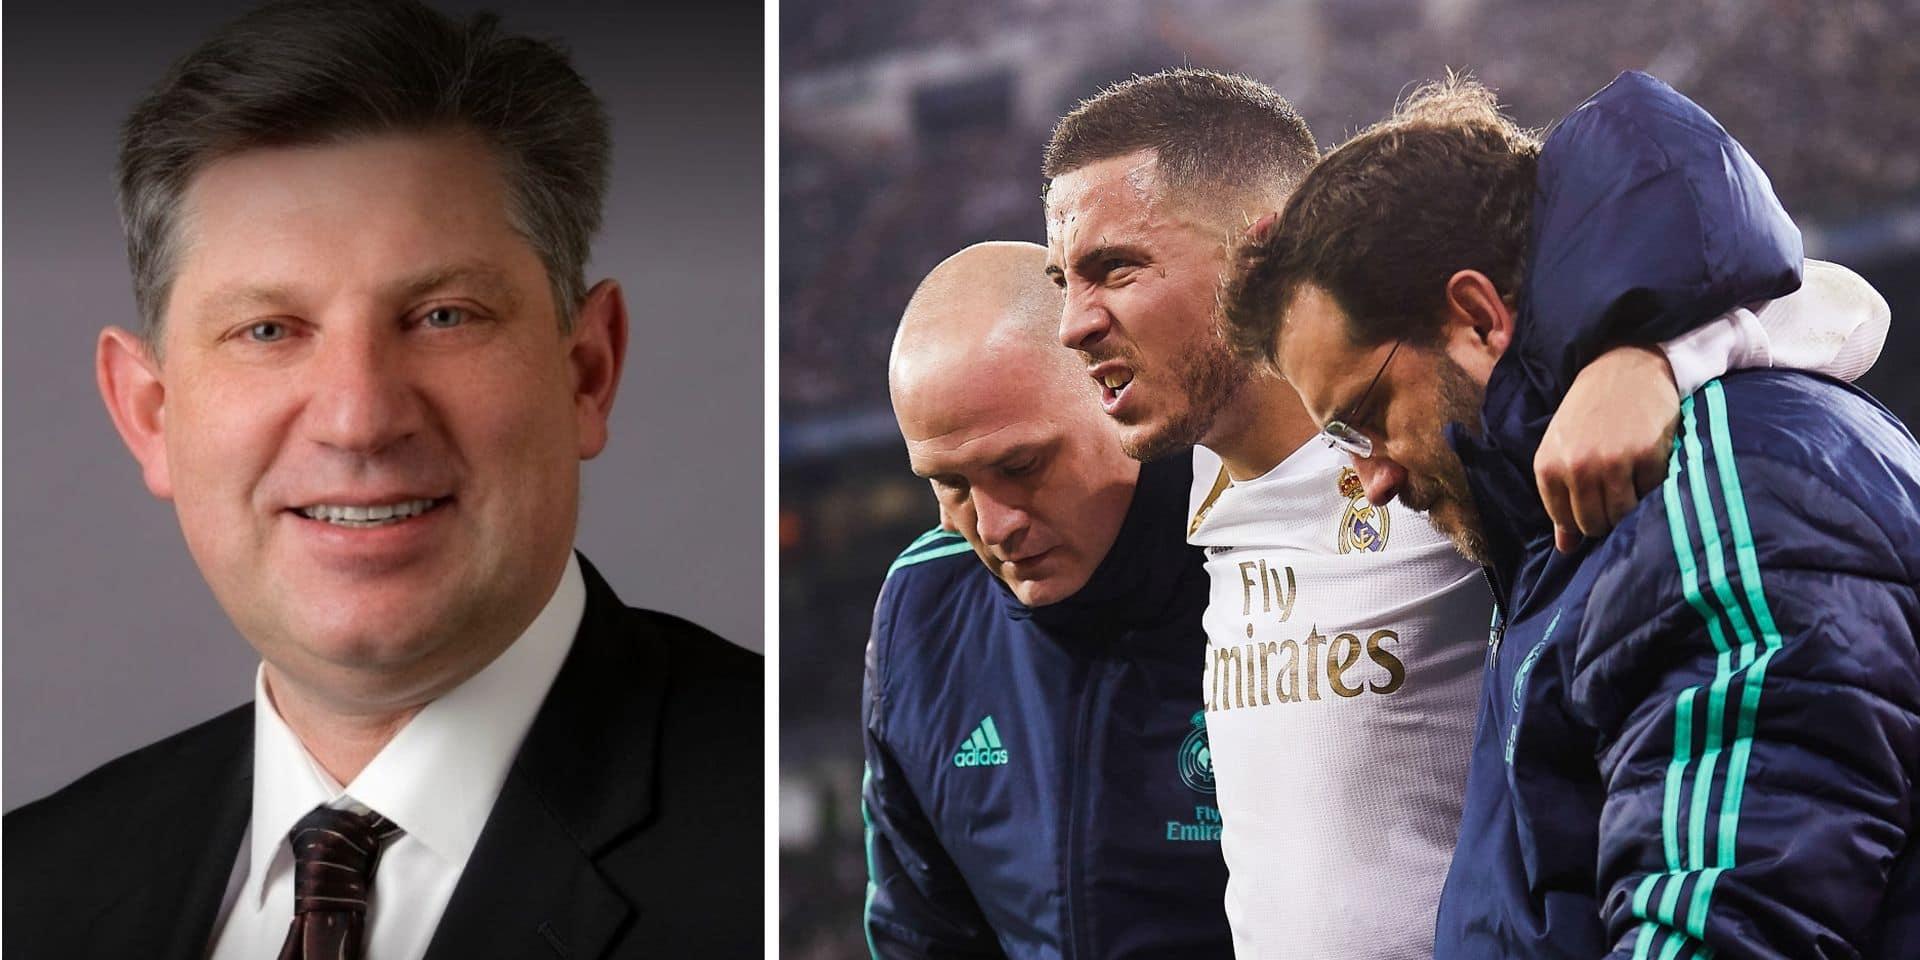 Le destin d'Eden Hazard entre les mains de l'orthopédiste des Dallas Mavericks, le médecin des Diables se montre confiant